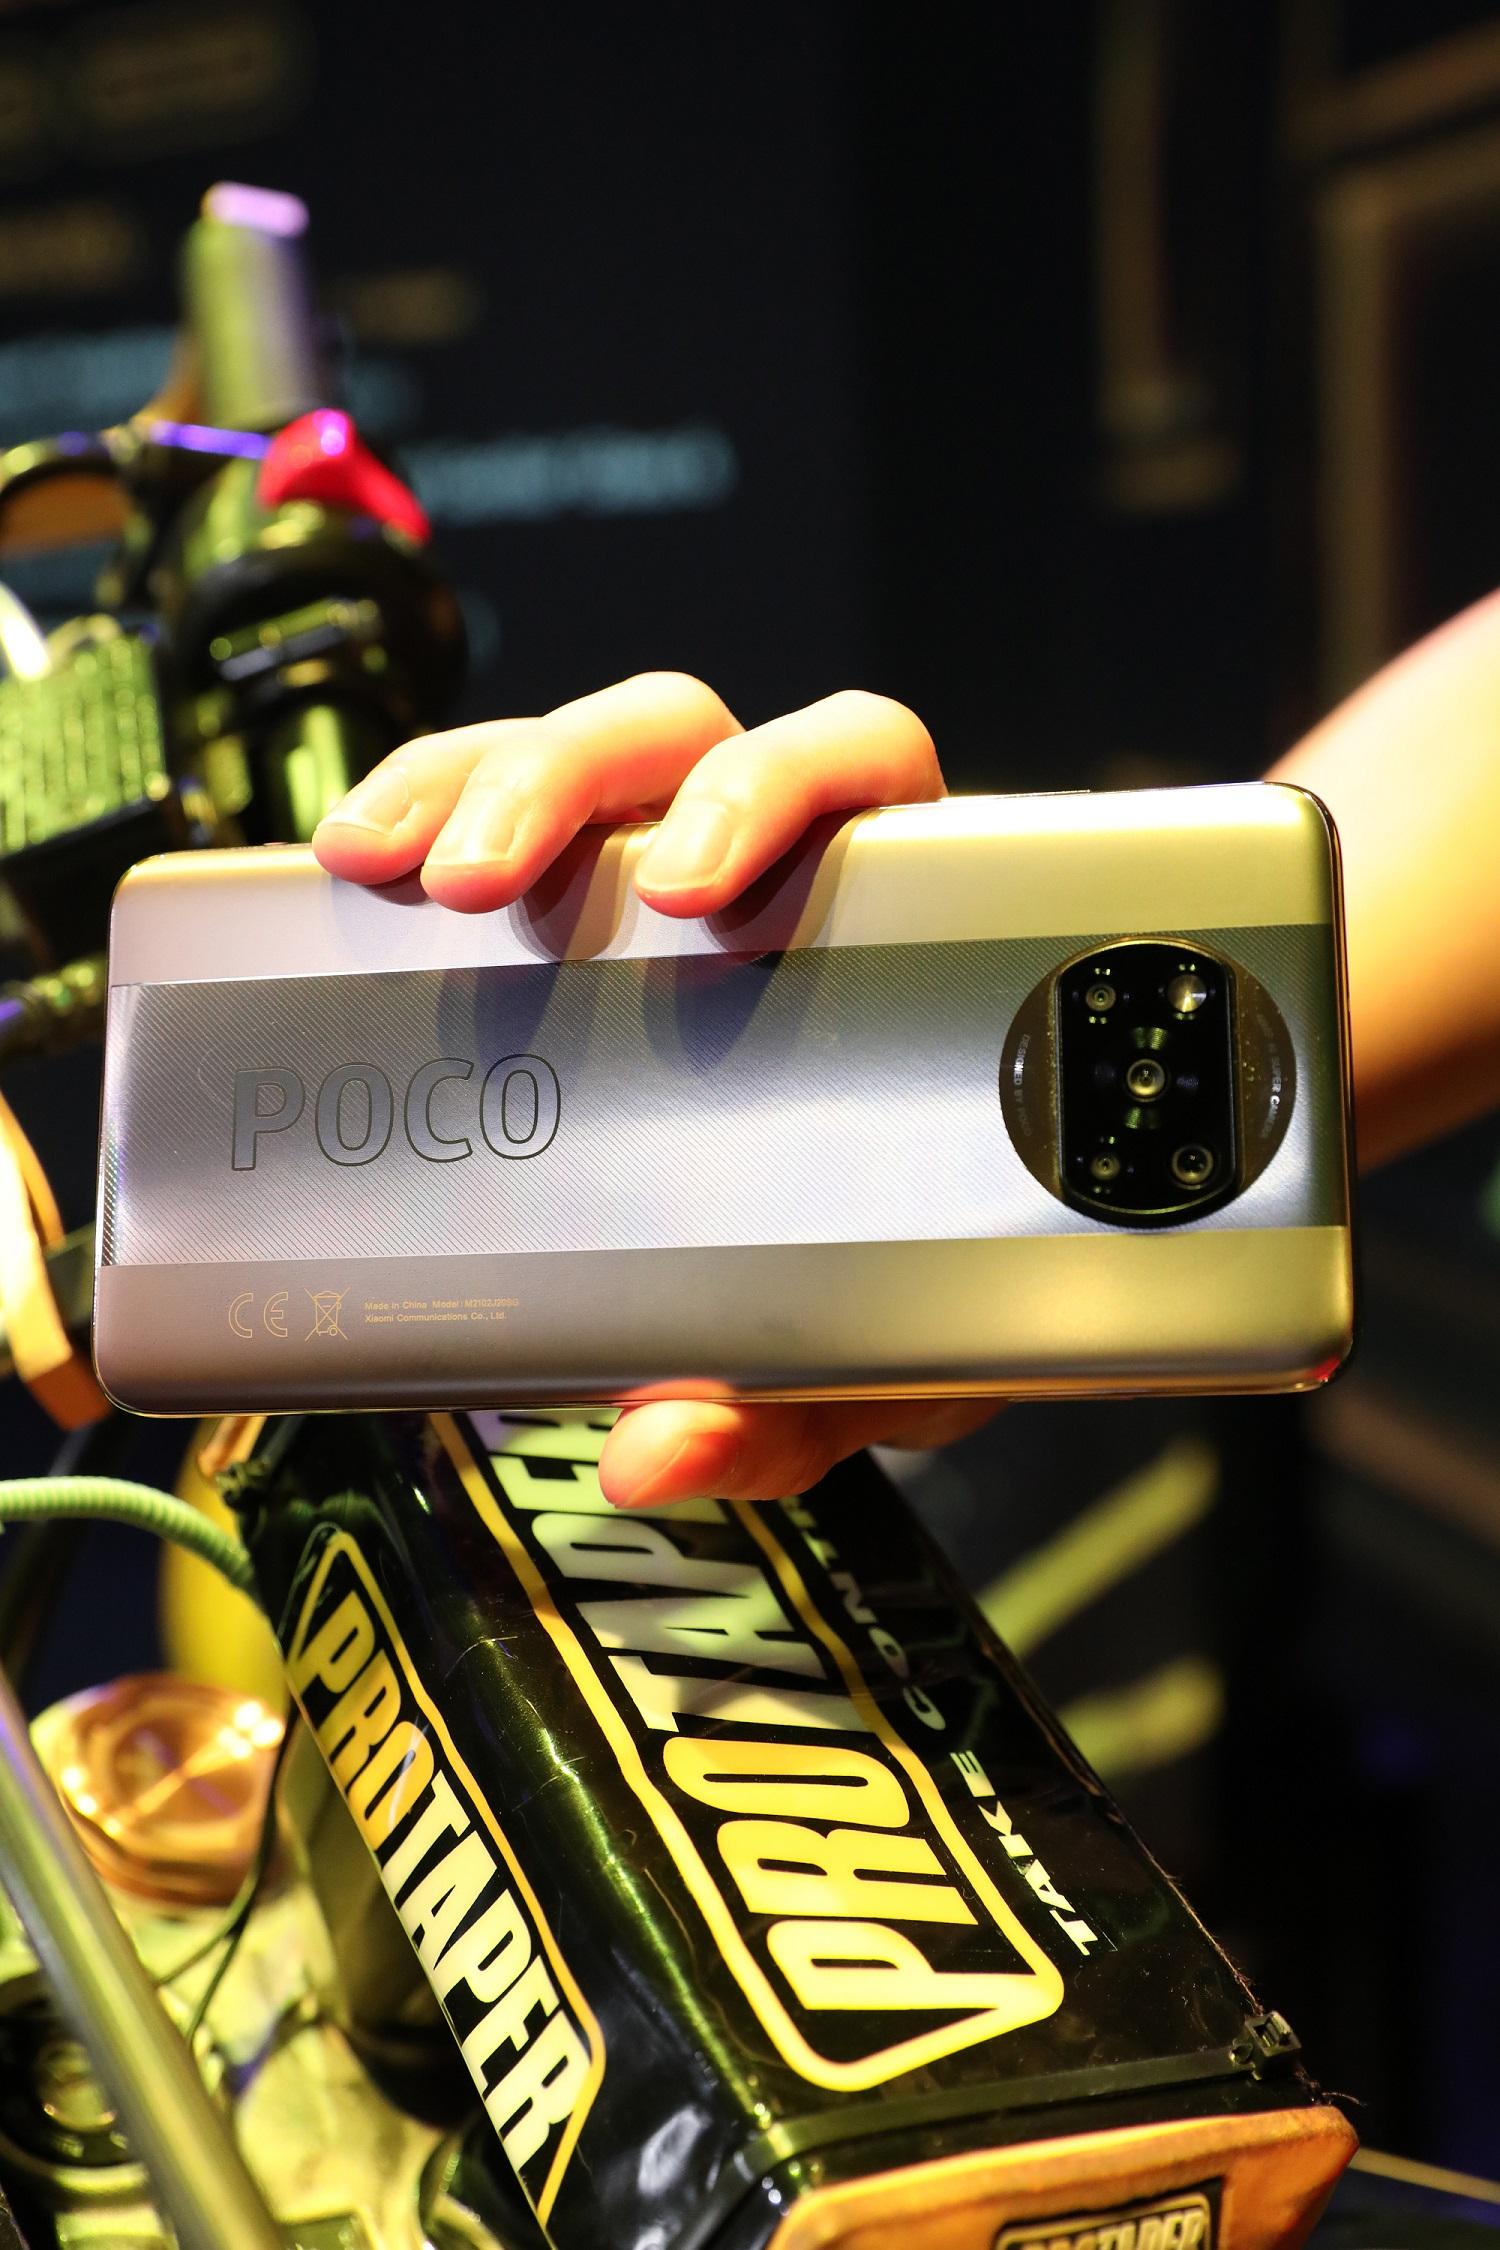 POCO X3 Pro performa buas dengan harga yang ekstrem.